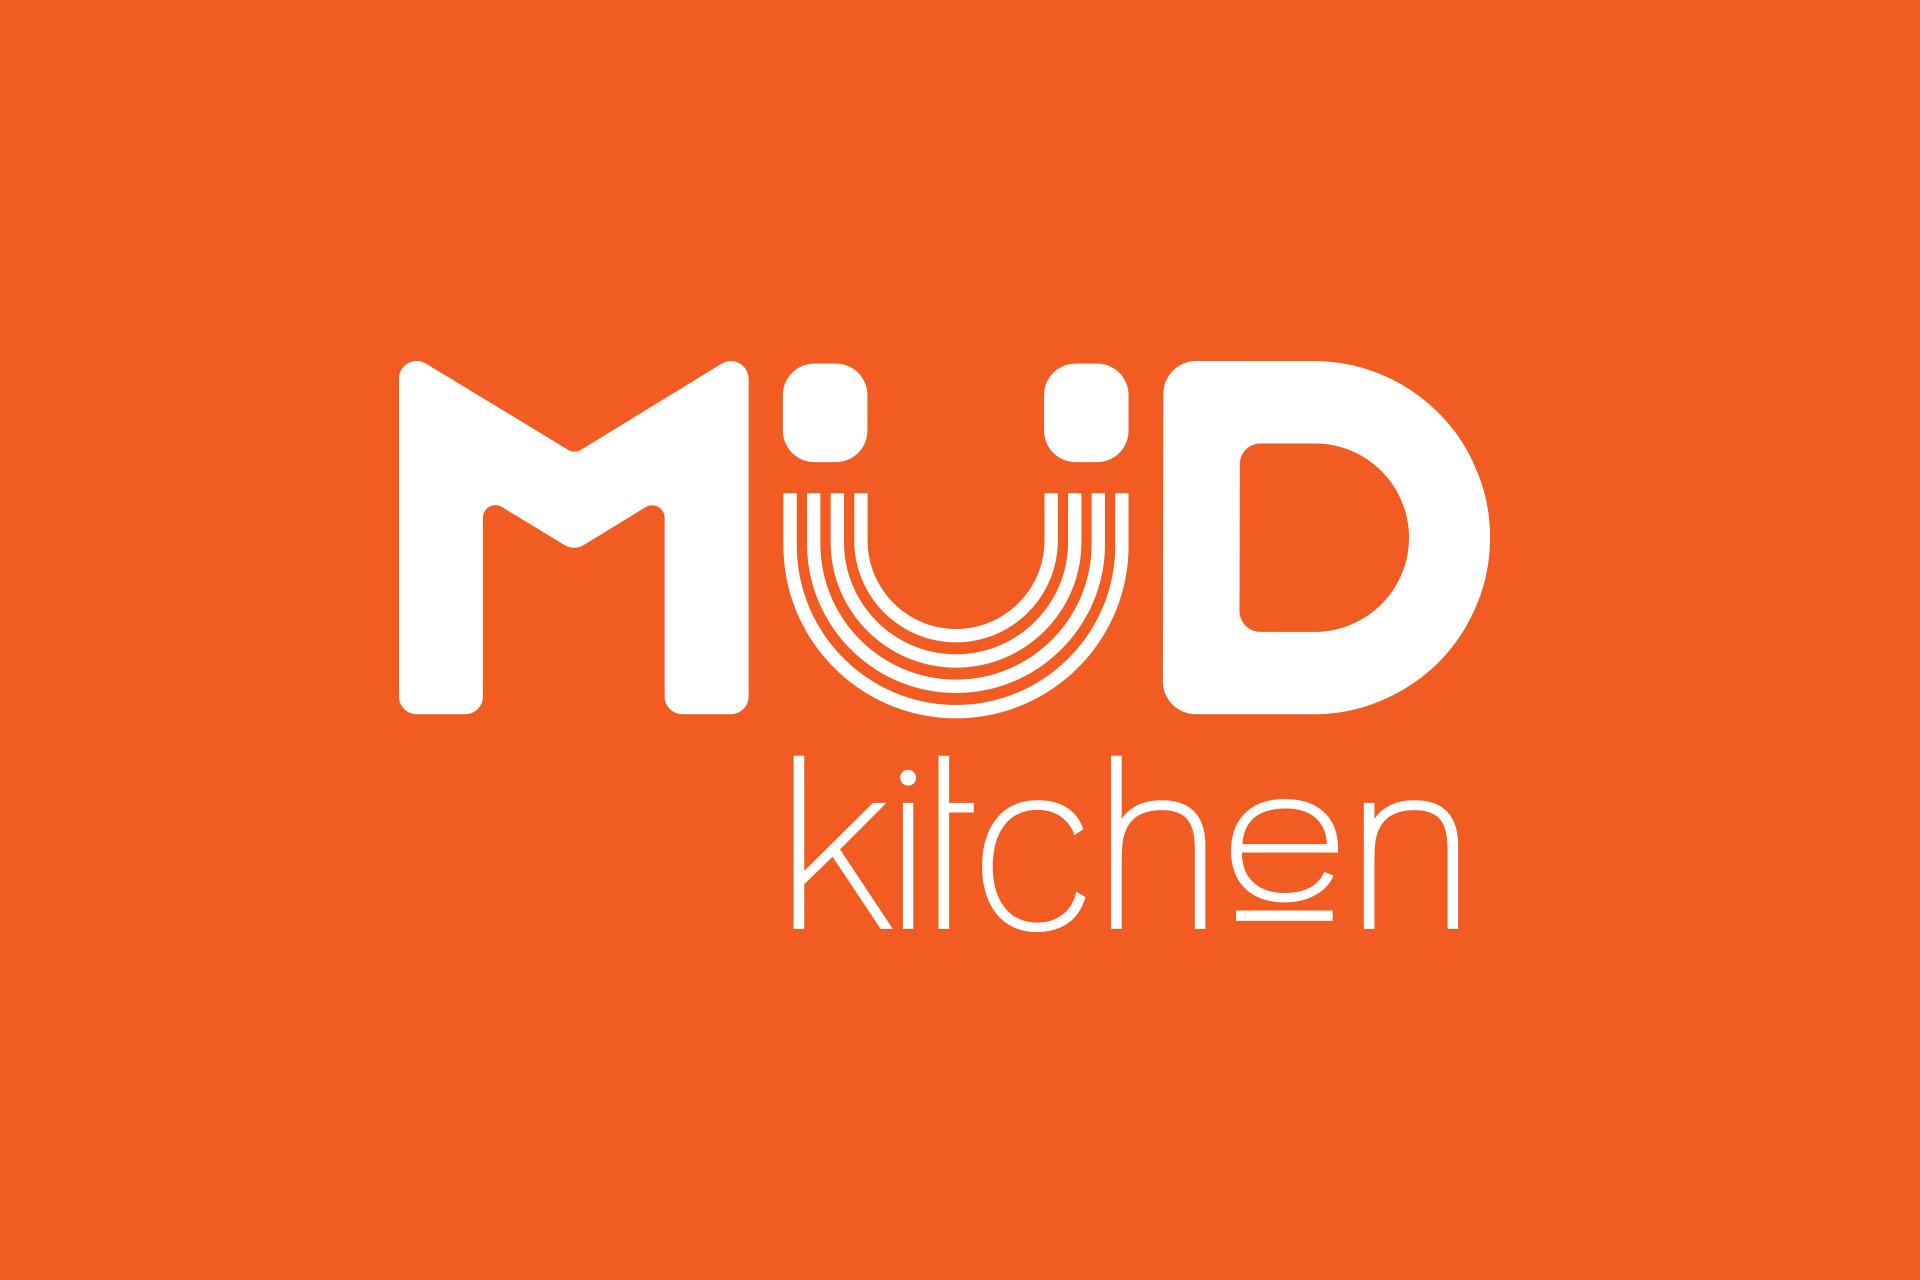 mud-kitchen-a